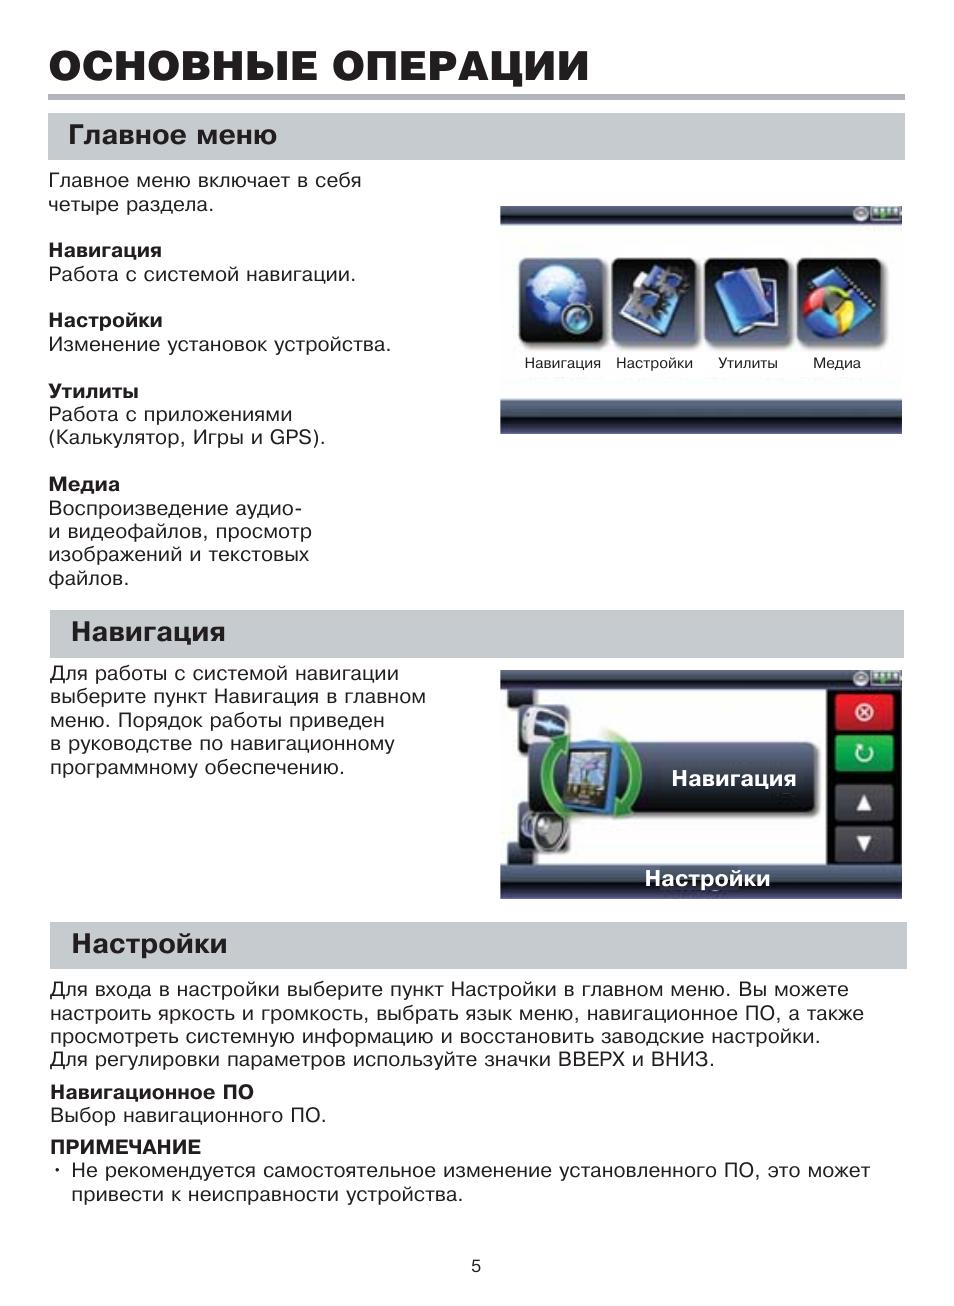 Основные операции, Главное меню, Навигация Инструкция по эксплуатации BBK N4326 Страница 7 / 20 Оригинал